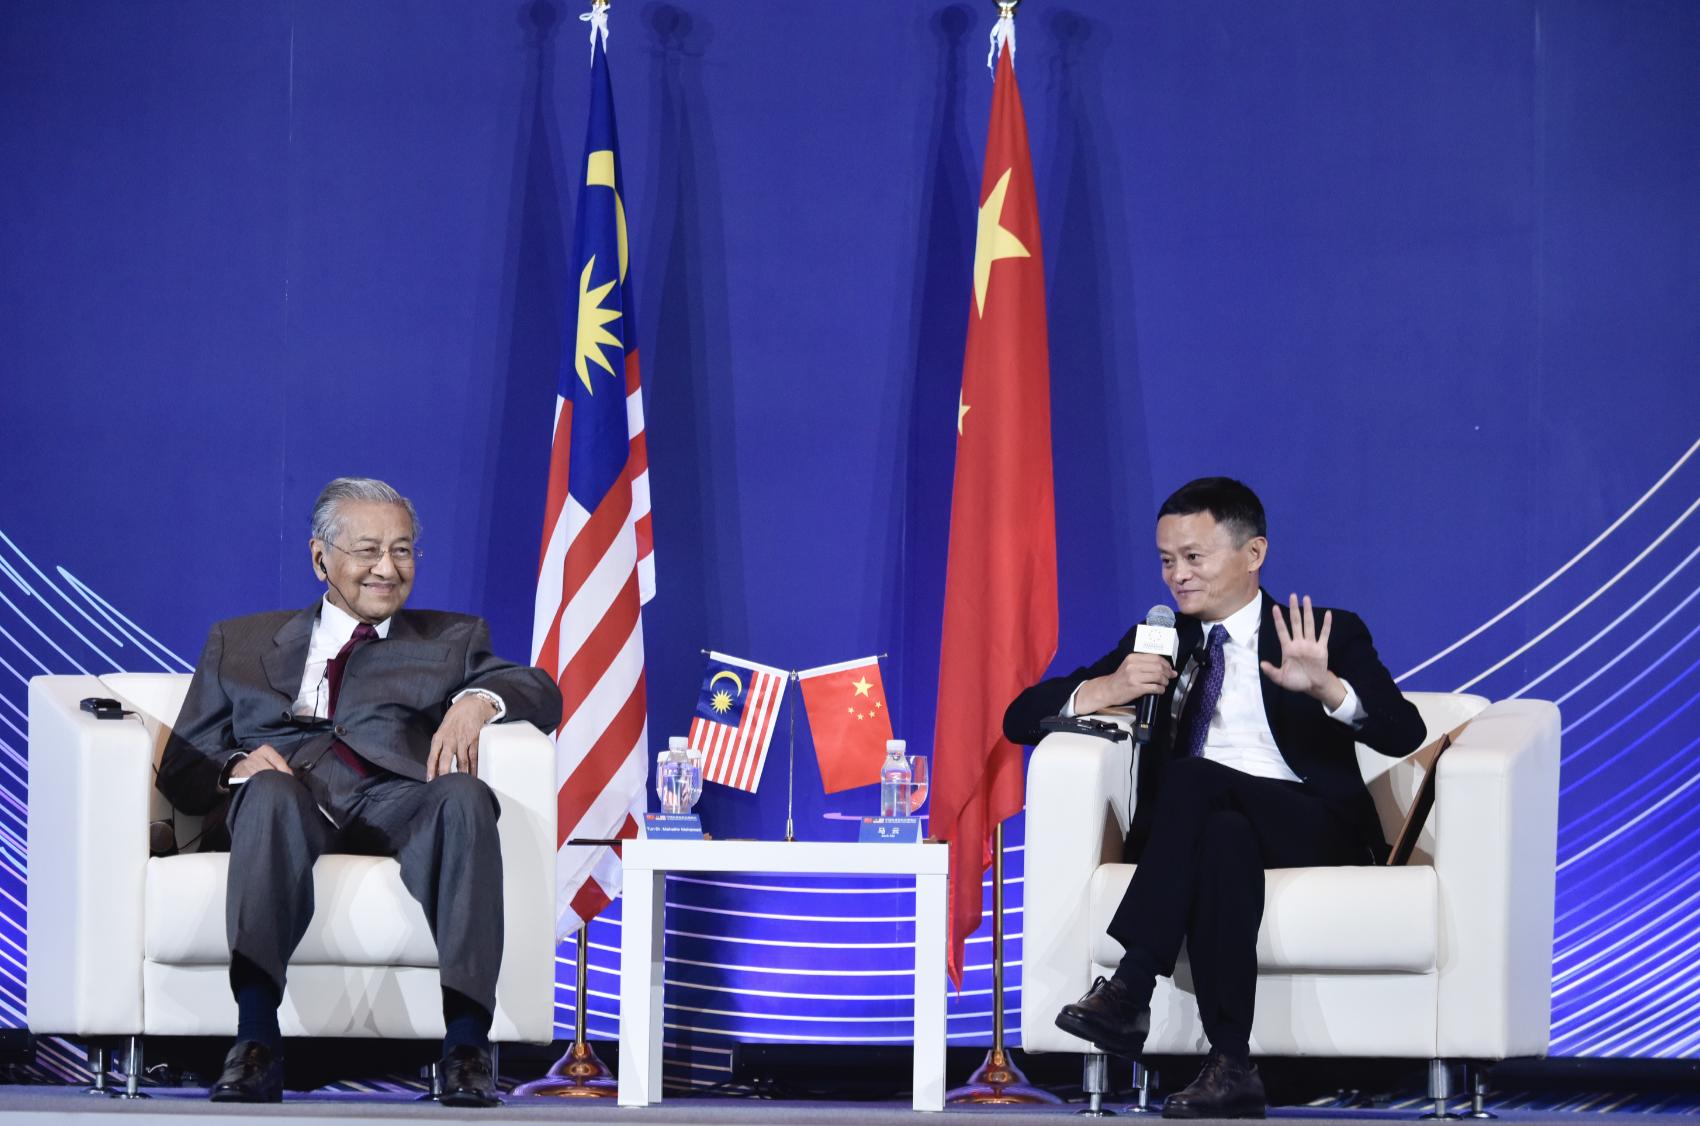 马云:新一代中国企业家会赚钱 但不仅仅会赚钱